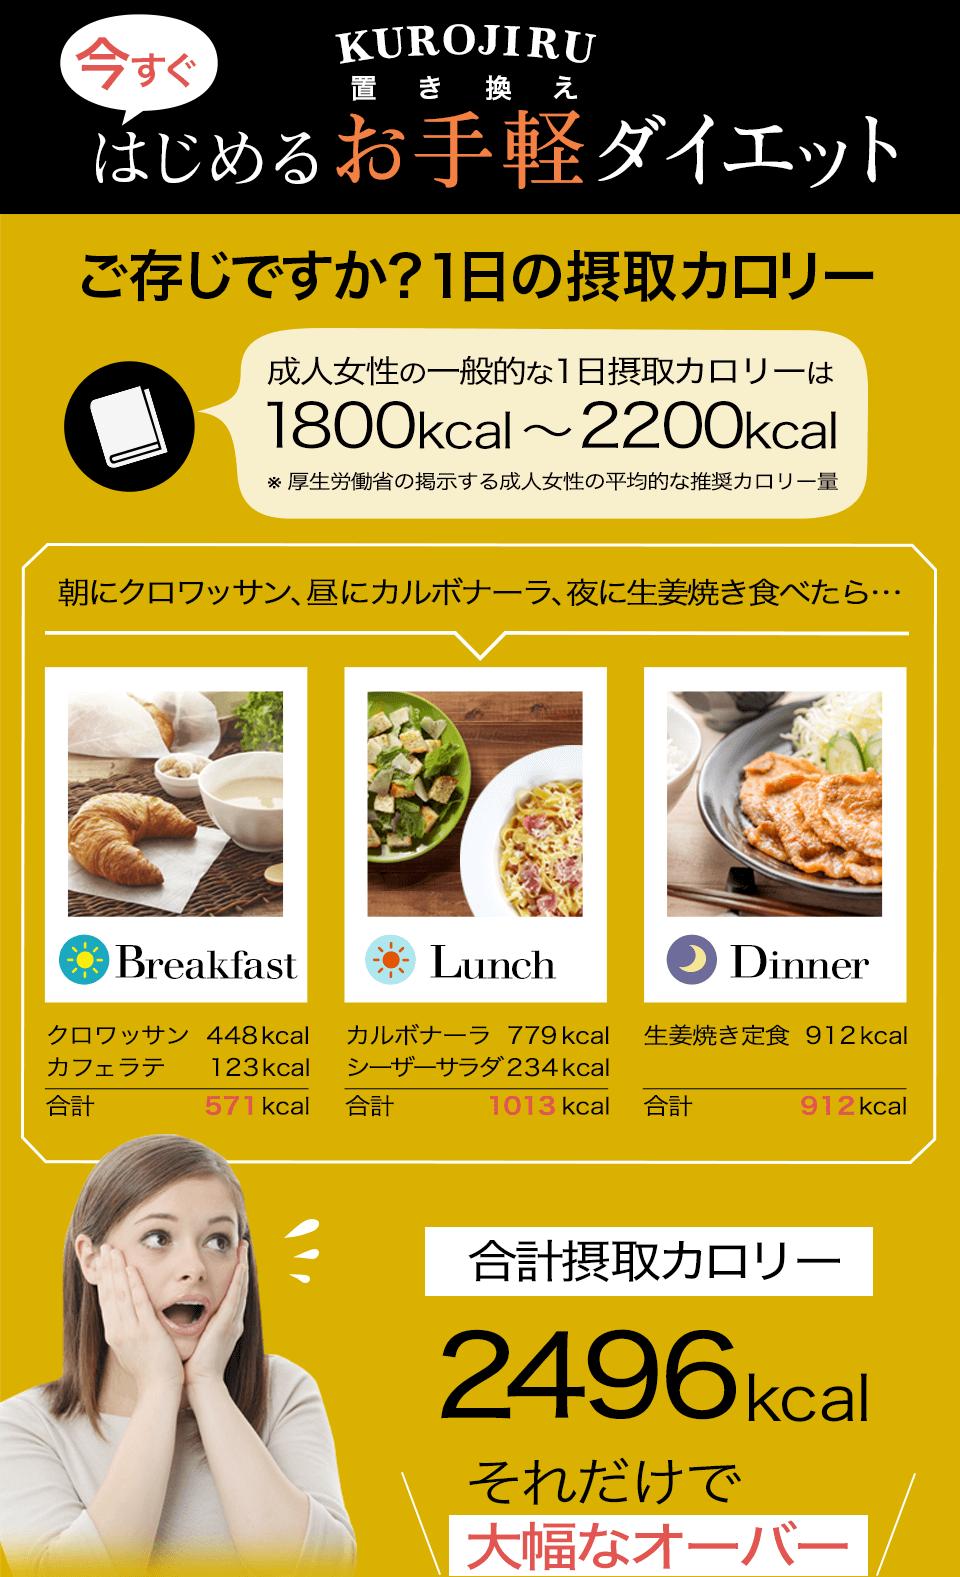 今すぐKUROJIRUではじめるお気軽置き換えダイエット